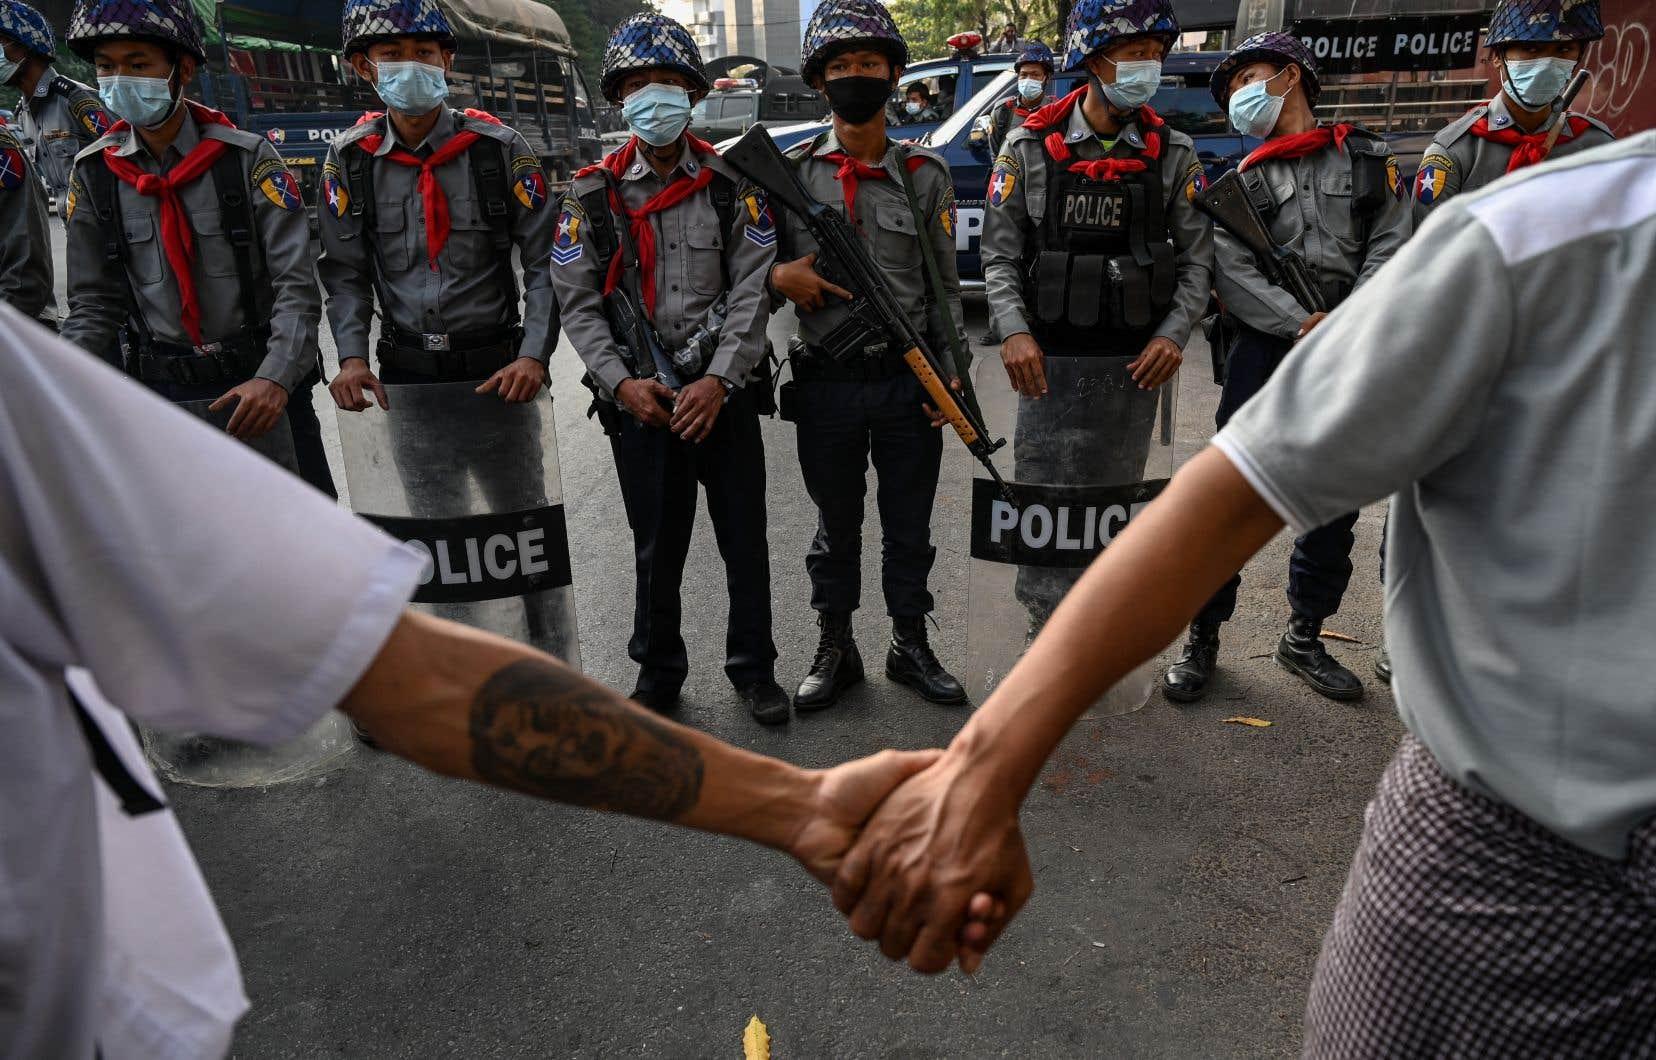 «On essaye de nous faire peur en déployant les soldats», a déploré Htet Aung, qui manifestait en brandissant une pancarte appelant à «la désobéissance civile».